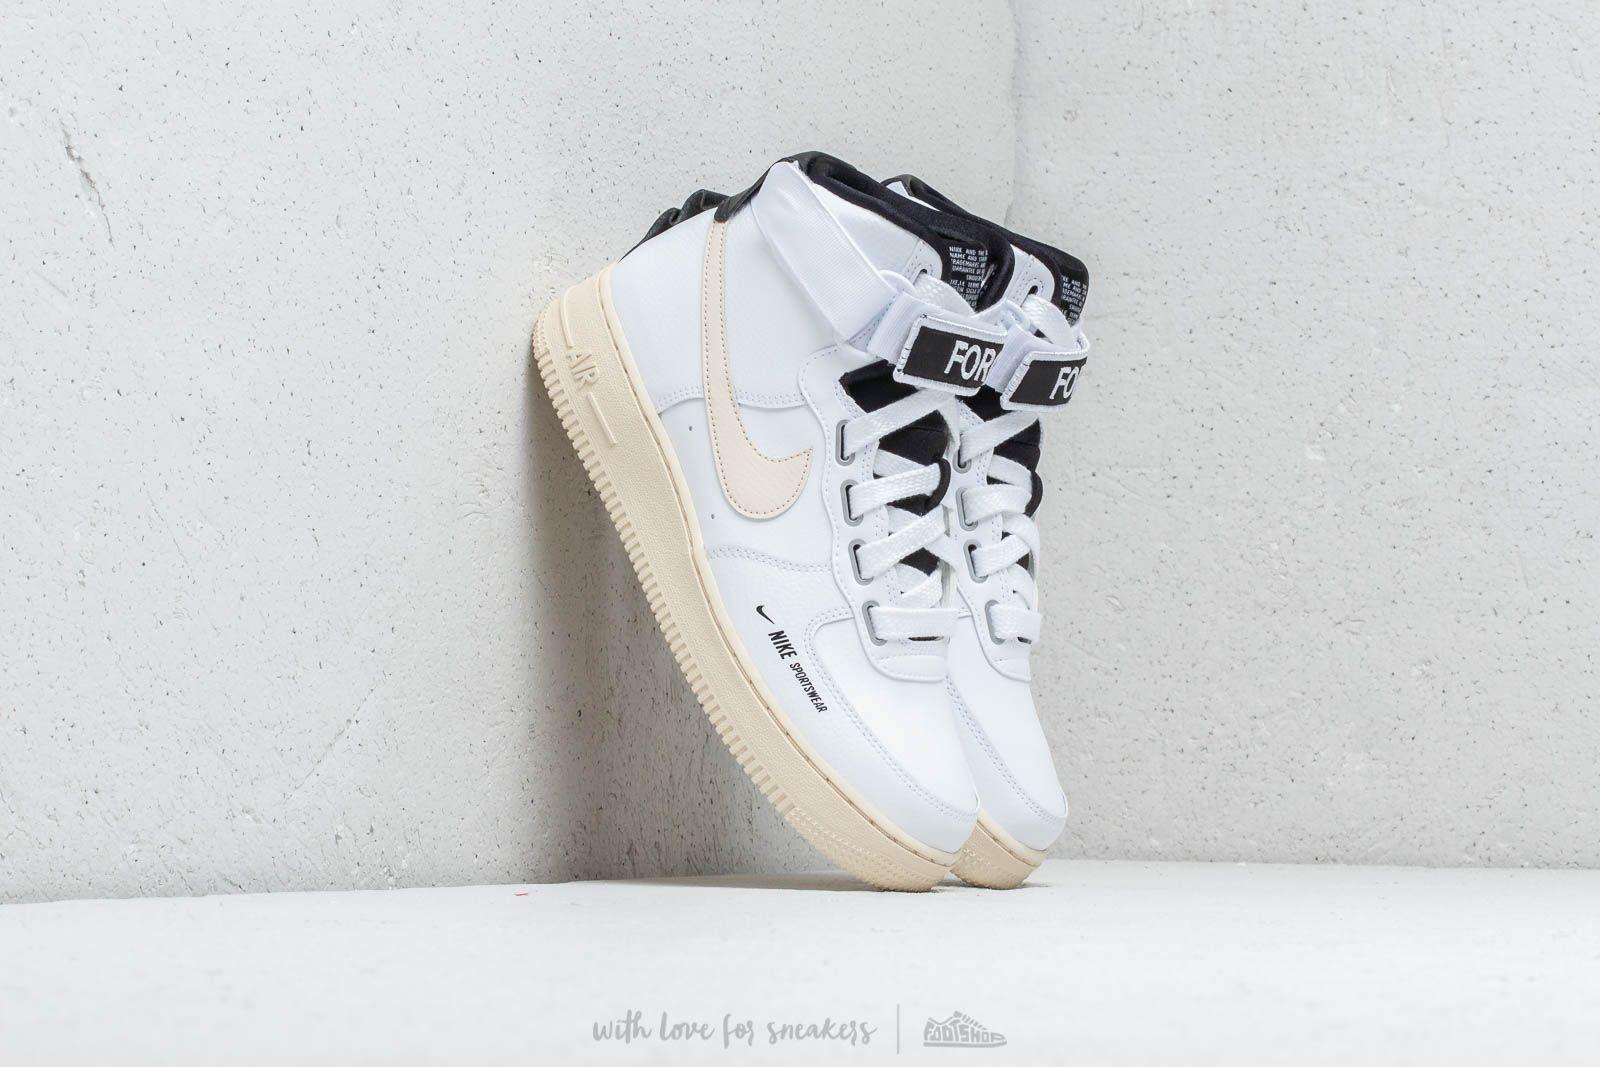 Nike Air Force 1 High Women s UT White  Light Cream-Black-White ... 0dfeec4bf2